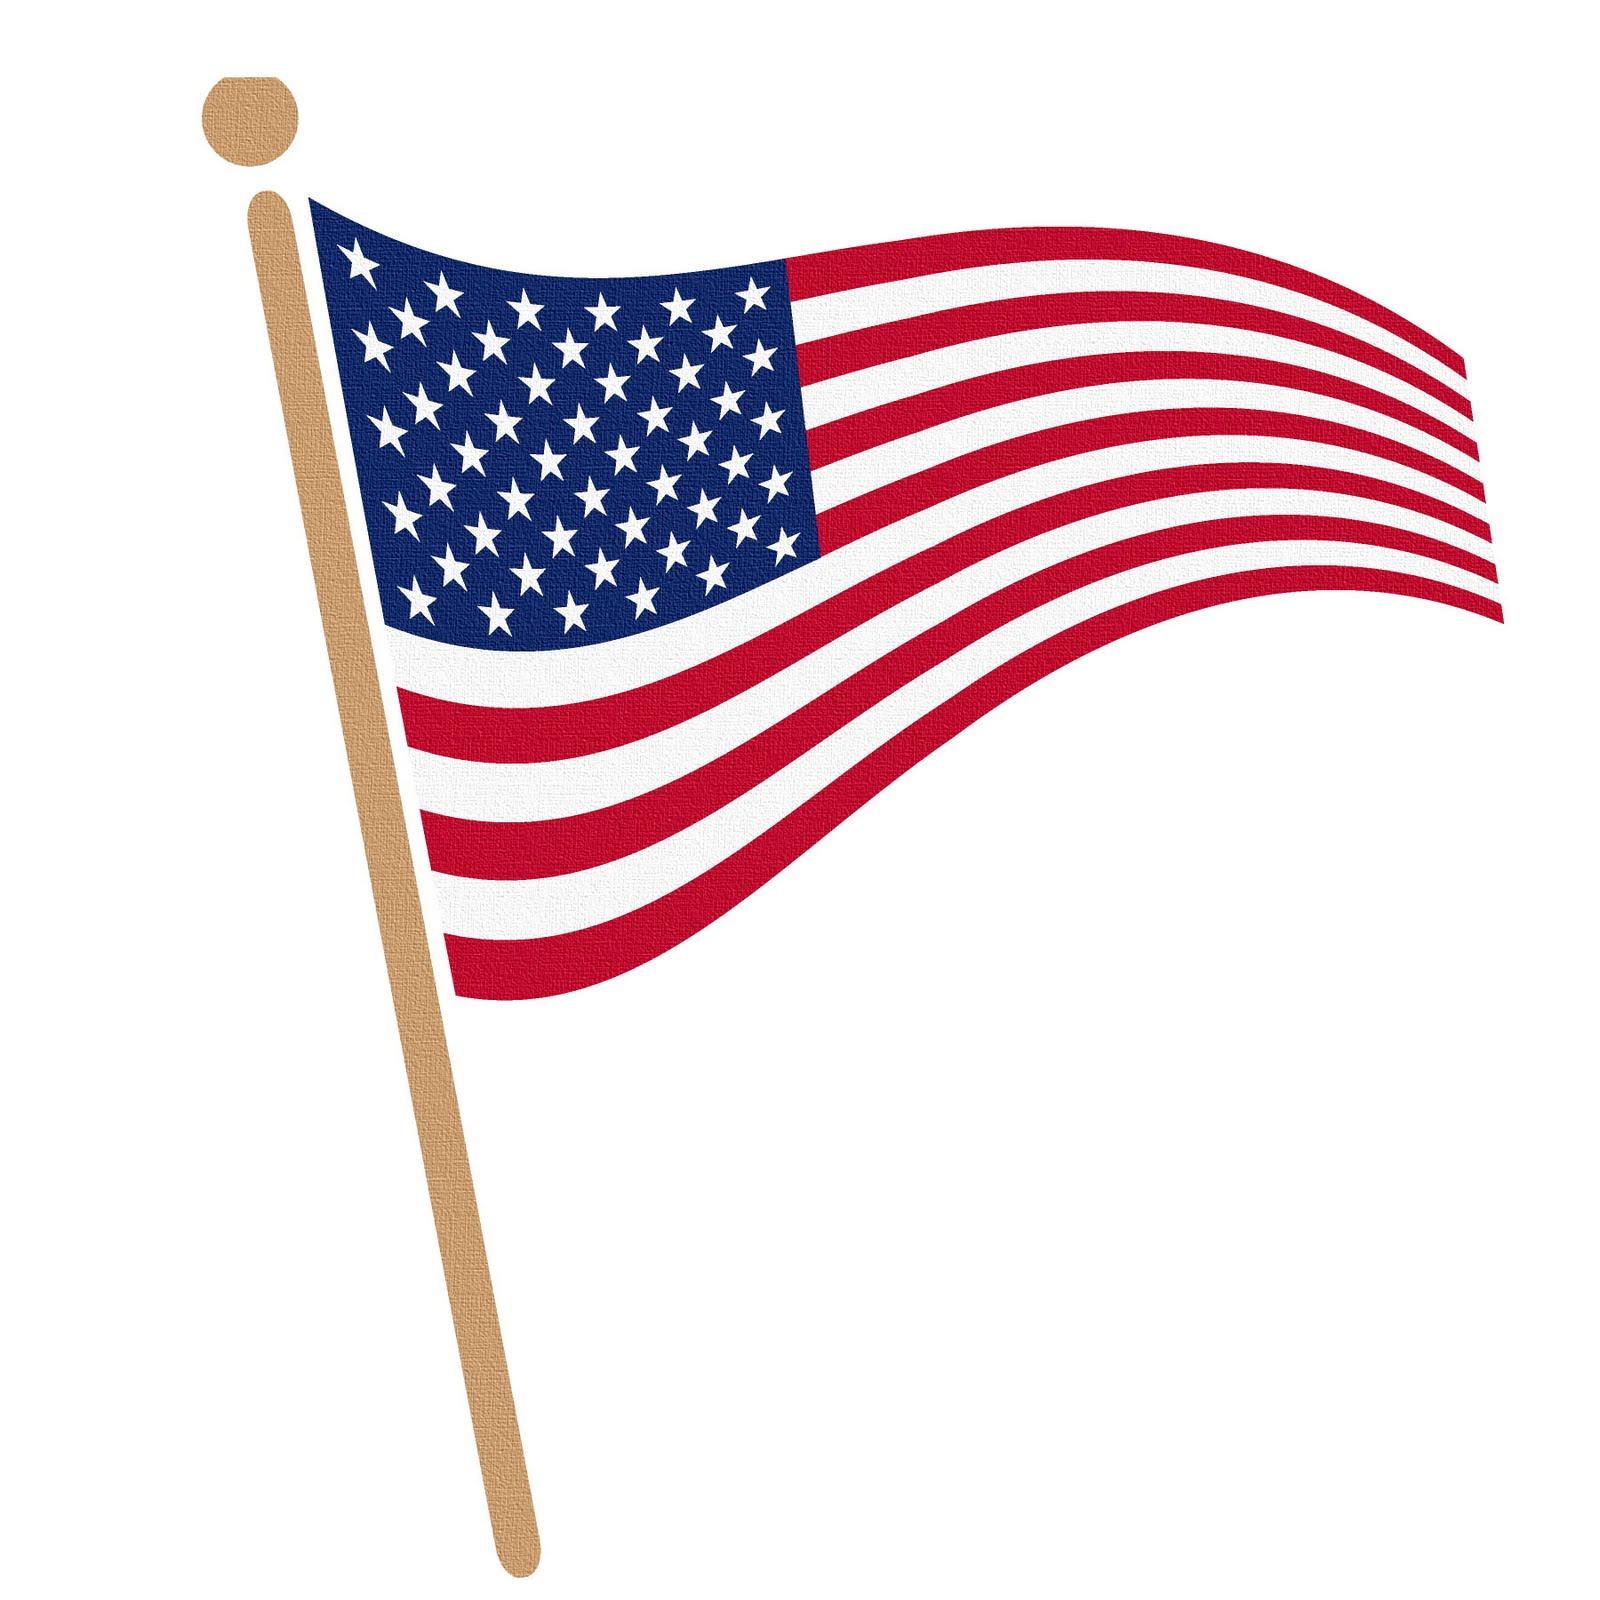 1600x1600 American Flag Clip Art Vectors Download Free Vector Art Image 8